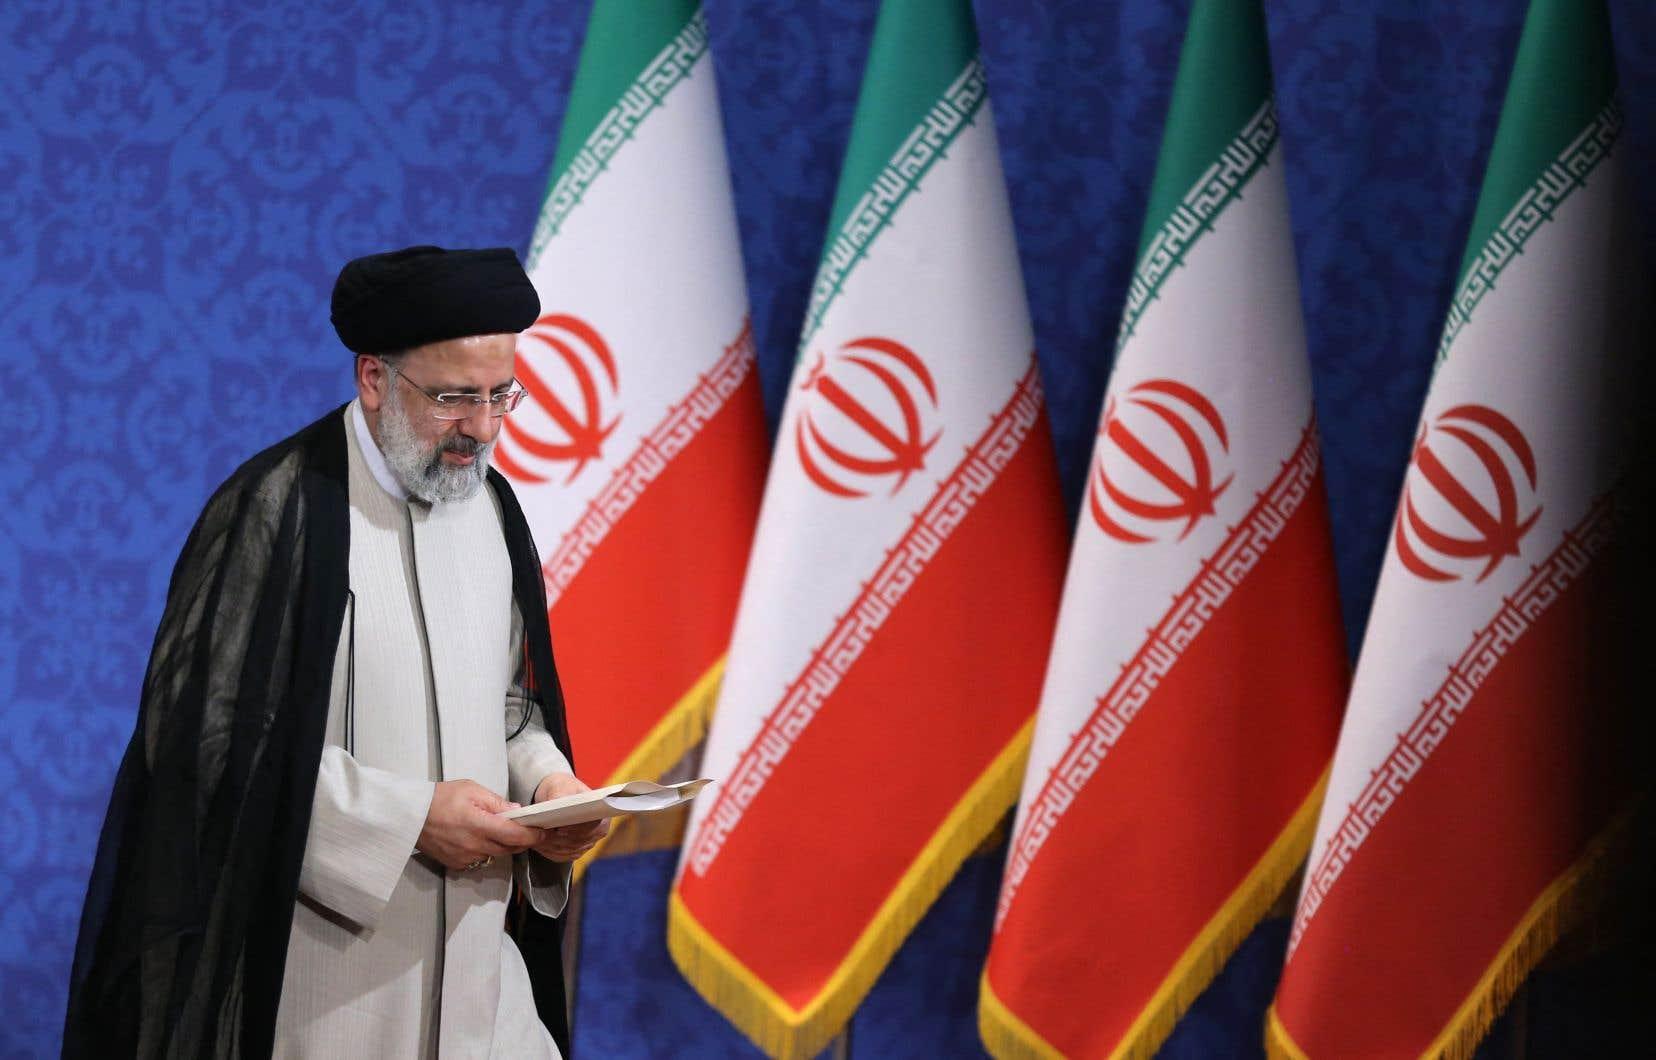 L'arrivée d'Ebrahim Raïssi à la tête de l'exécutif iranien est loin de rassurer les militants pour la démocratie en Iran.